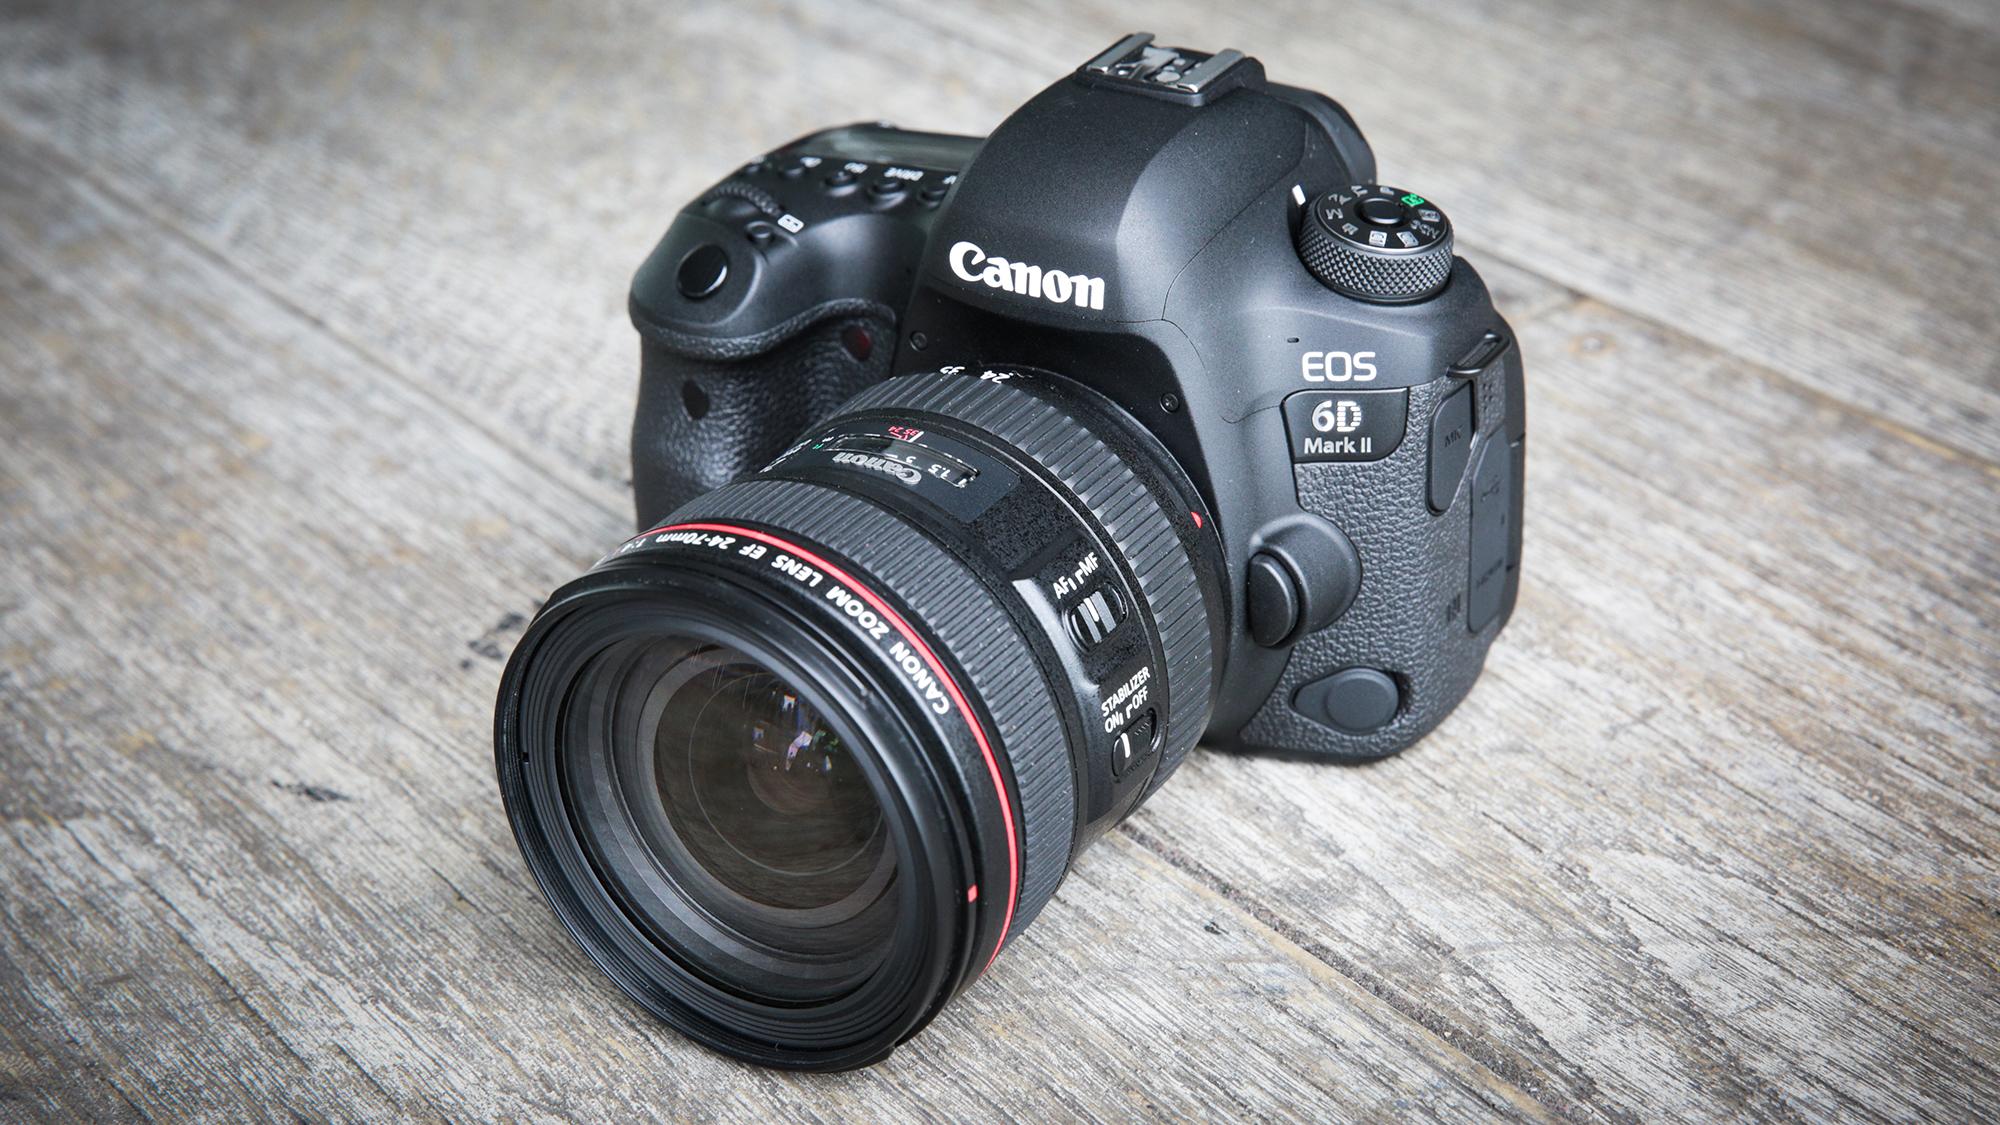 Canon Eos 6d Mark Ii Canon S Junior Full Frame Dslr Gets